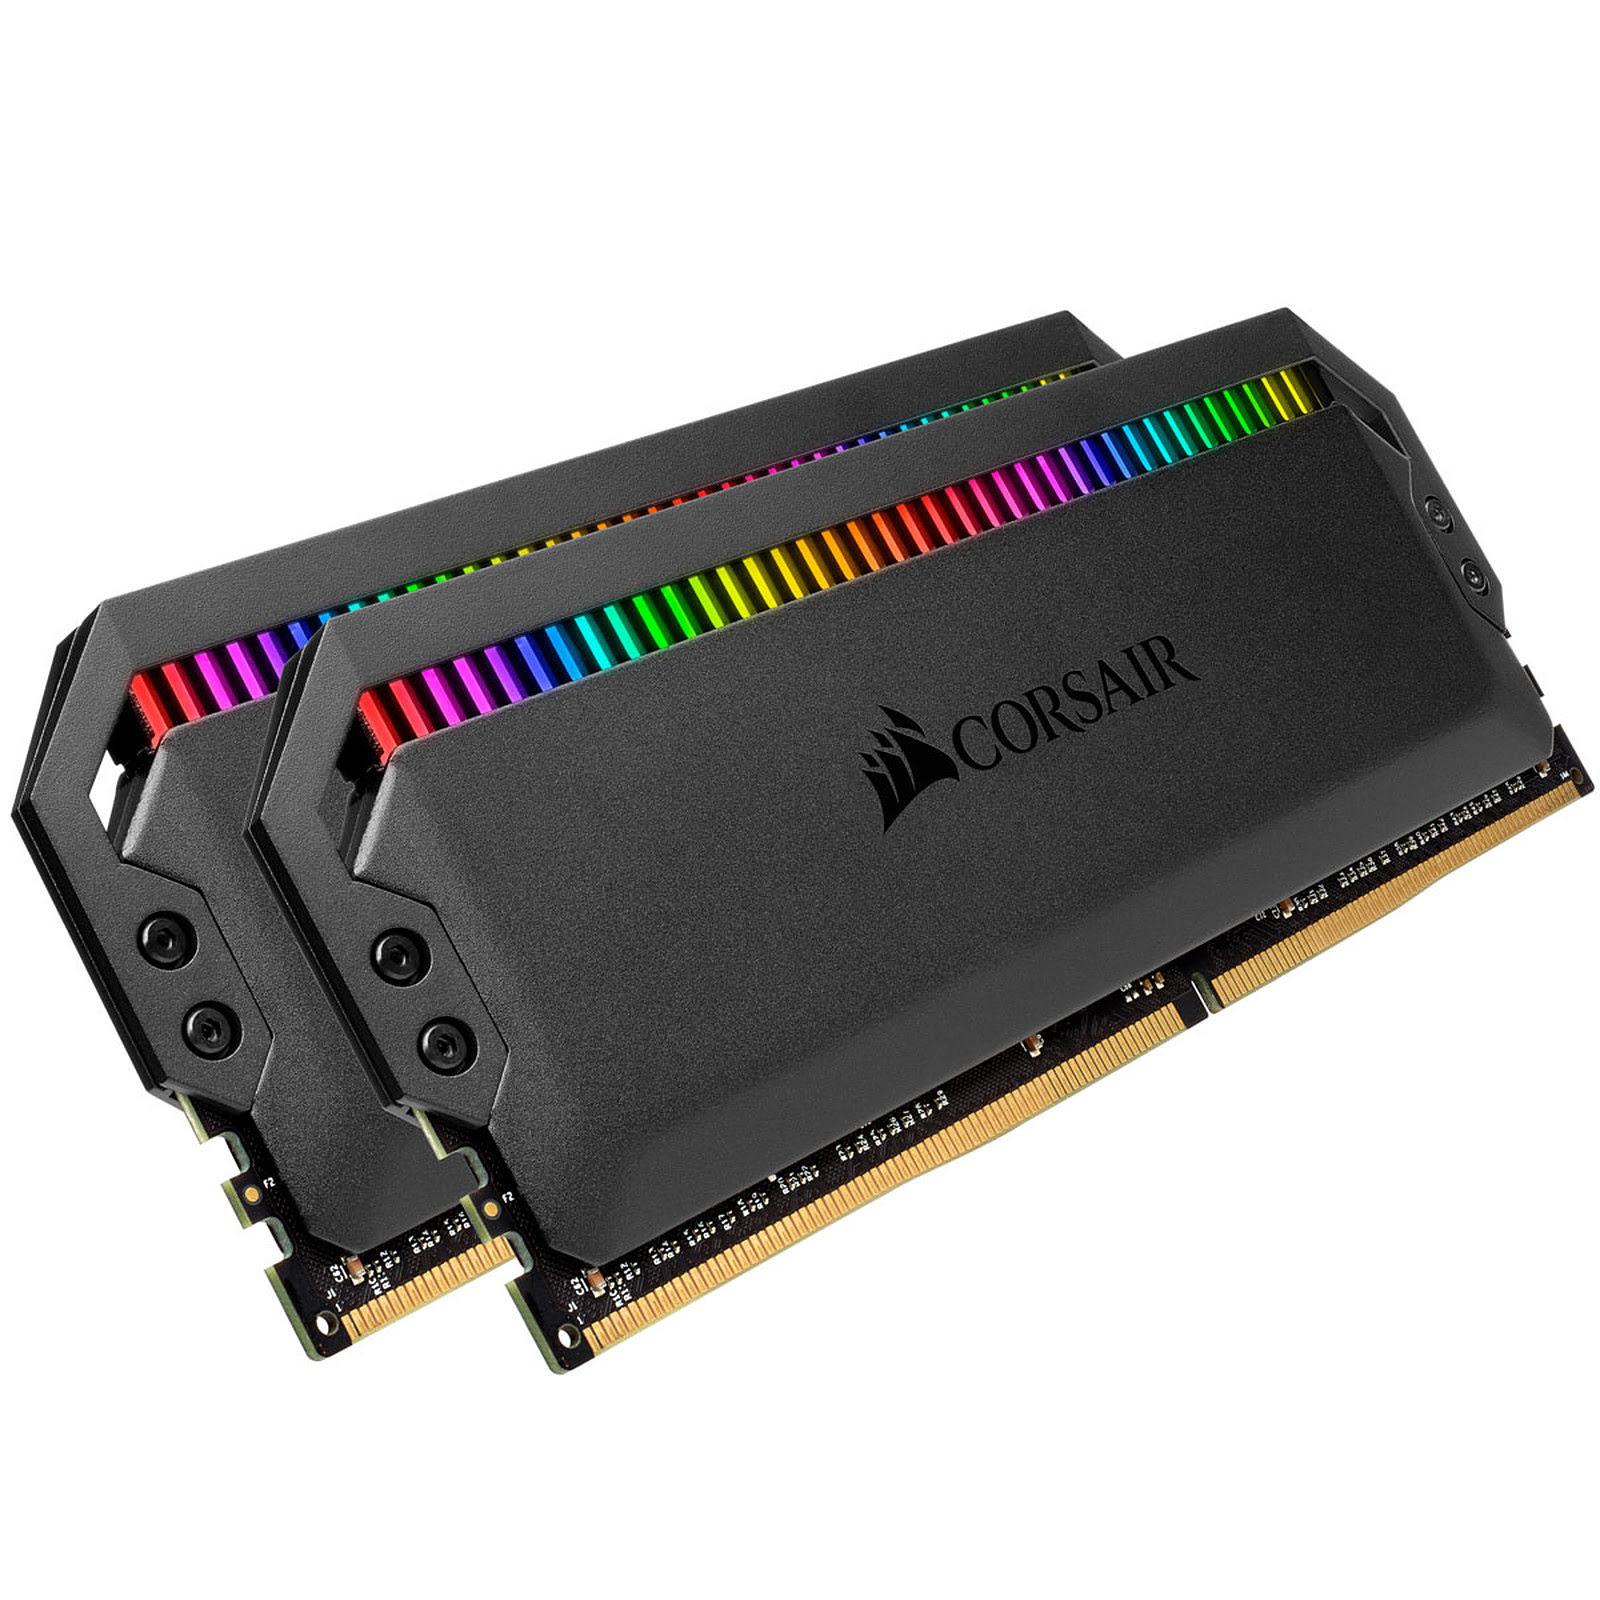 Corsair DOMINATOR PLATINUM RGB 32Go (2x16Go) DDR4 3200MHz C16 32Go DDR4 3200MHz PC25600 - Mémoire PC Corsair sur Cybertek.fr - 1